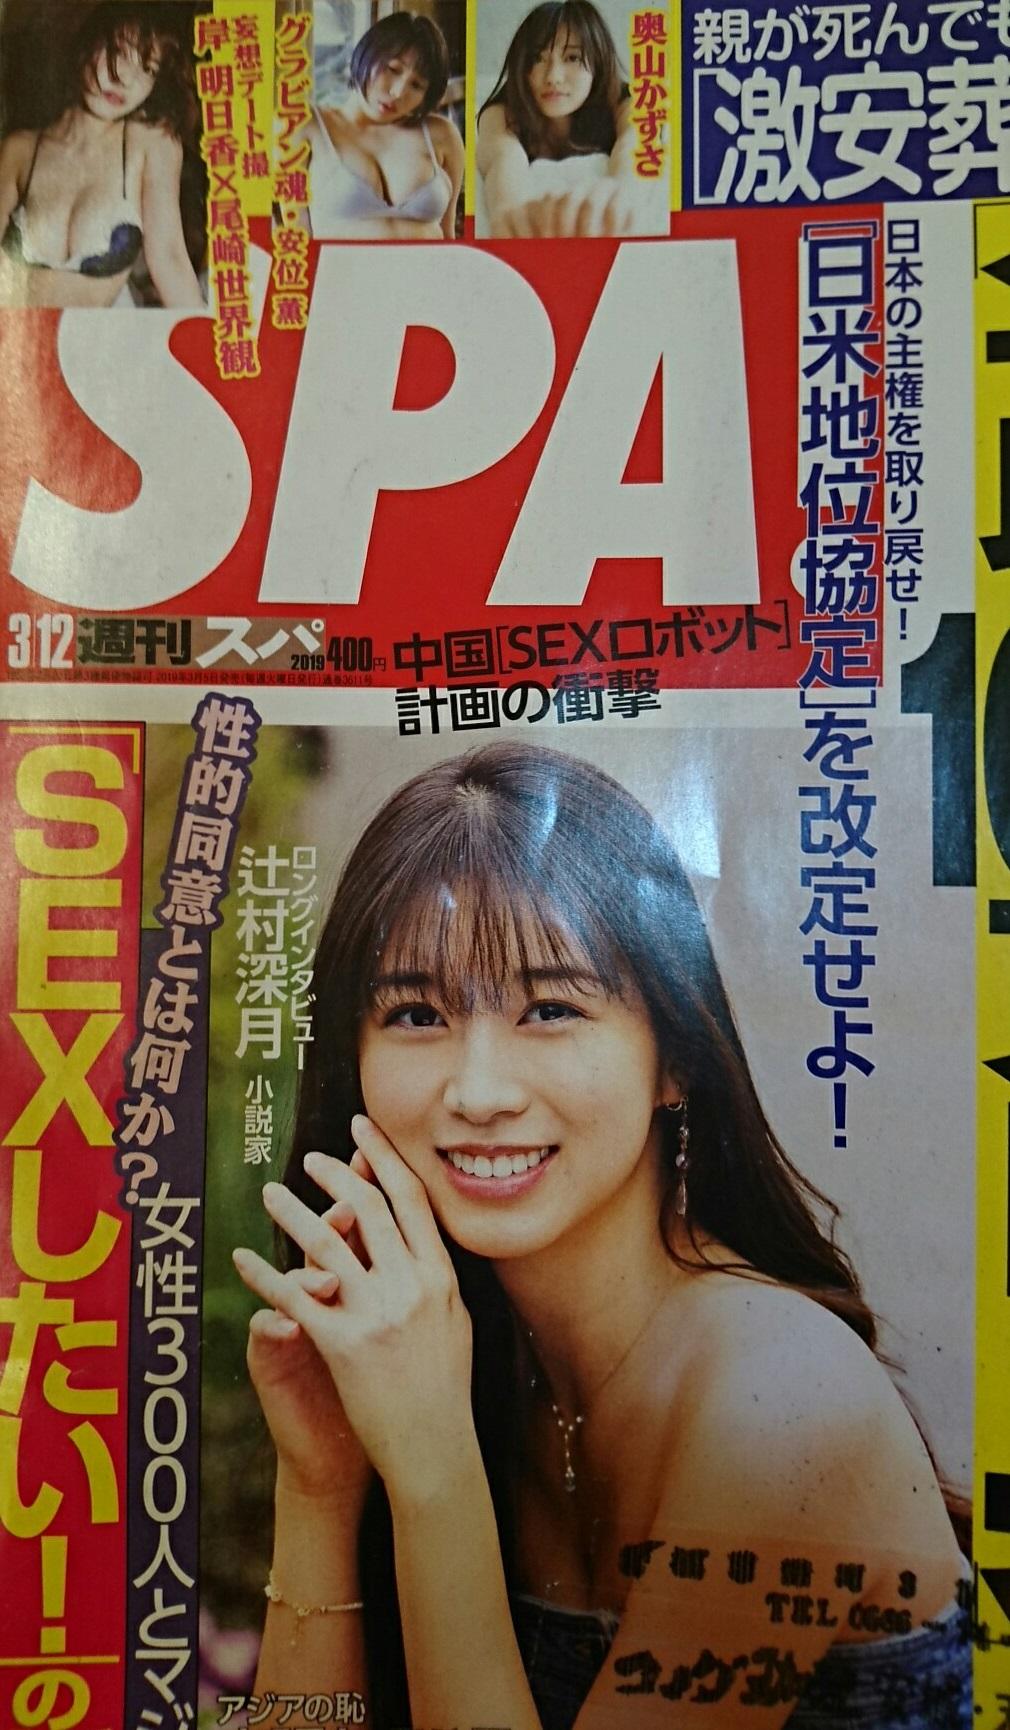 2019.3.8 週刊スパ 1010-1730